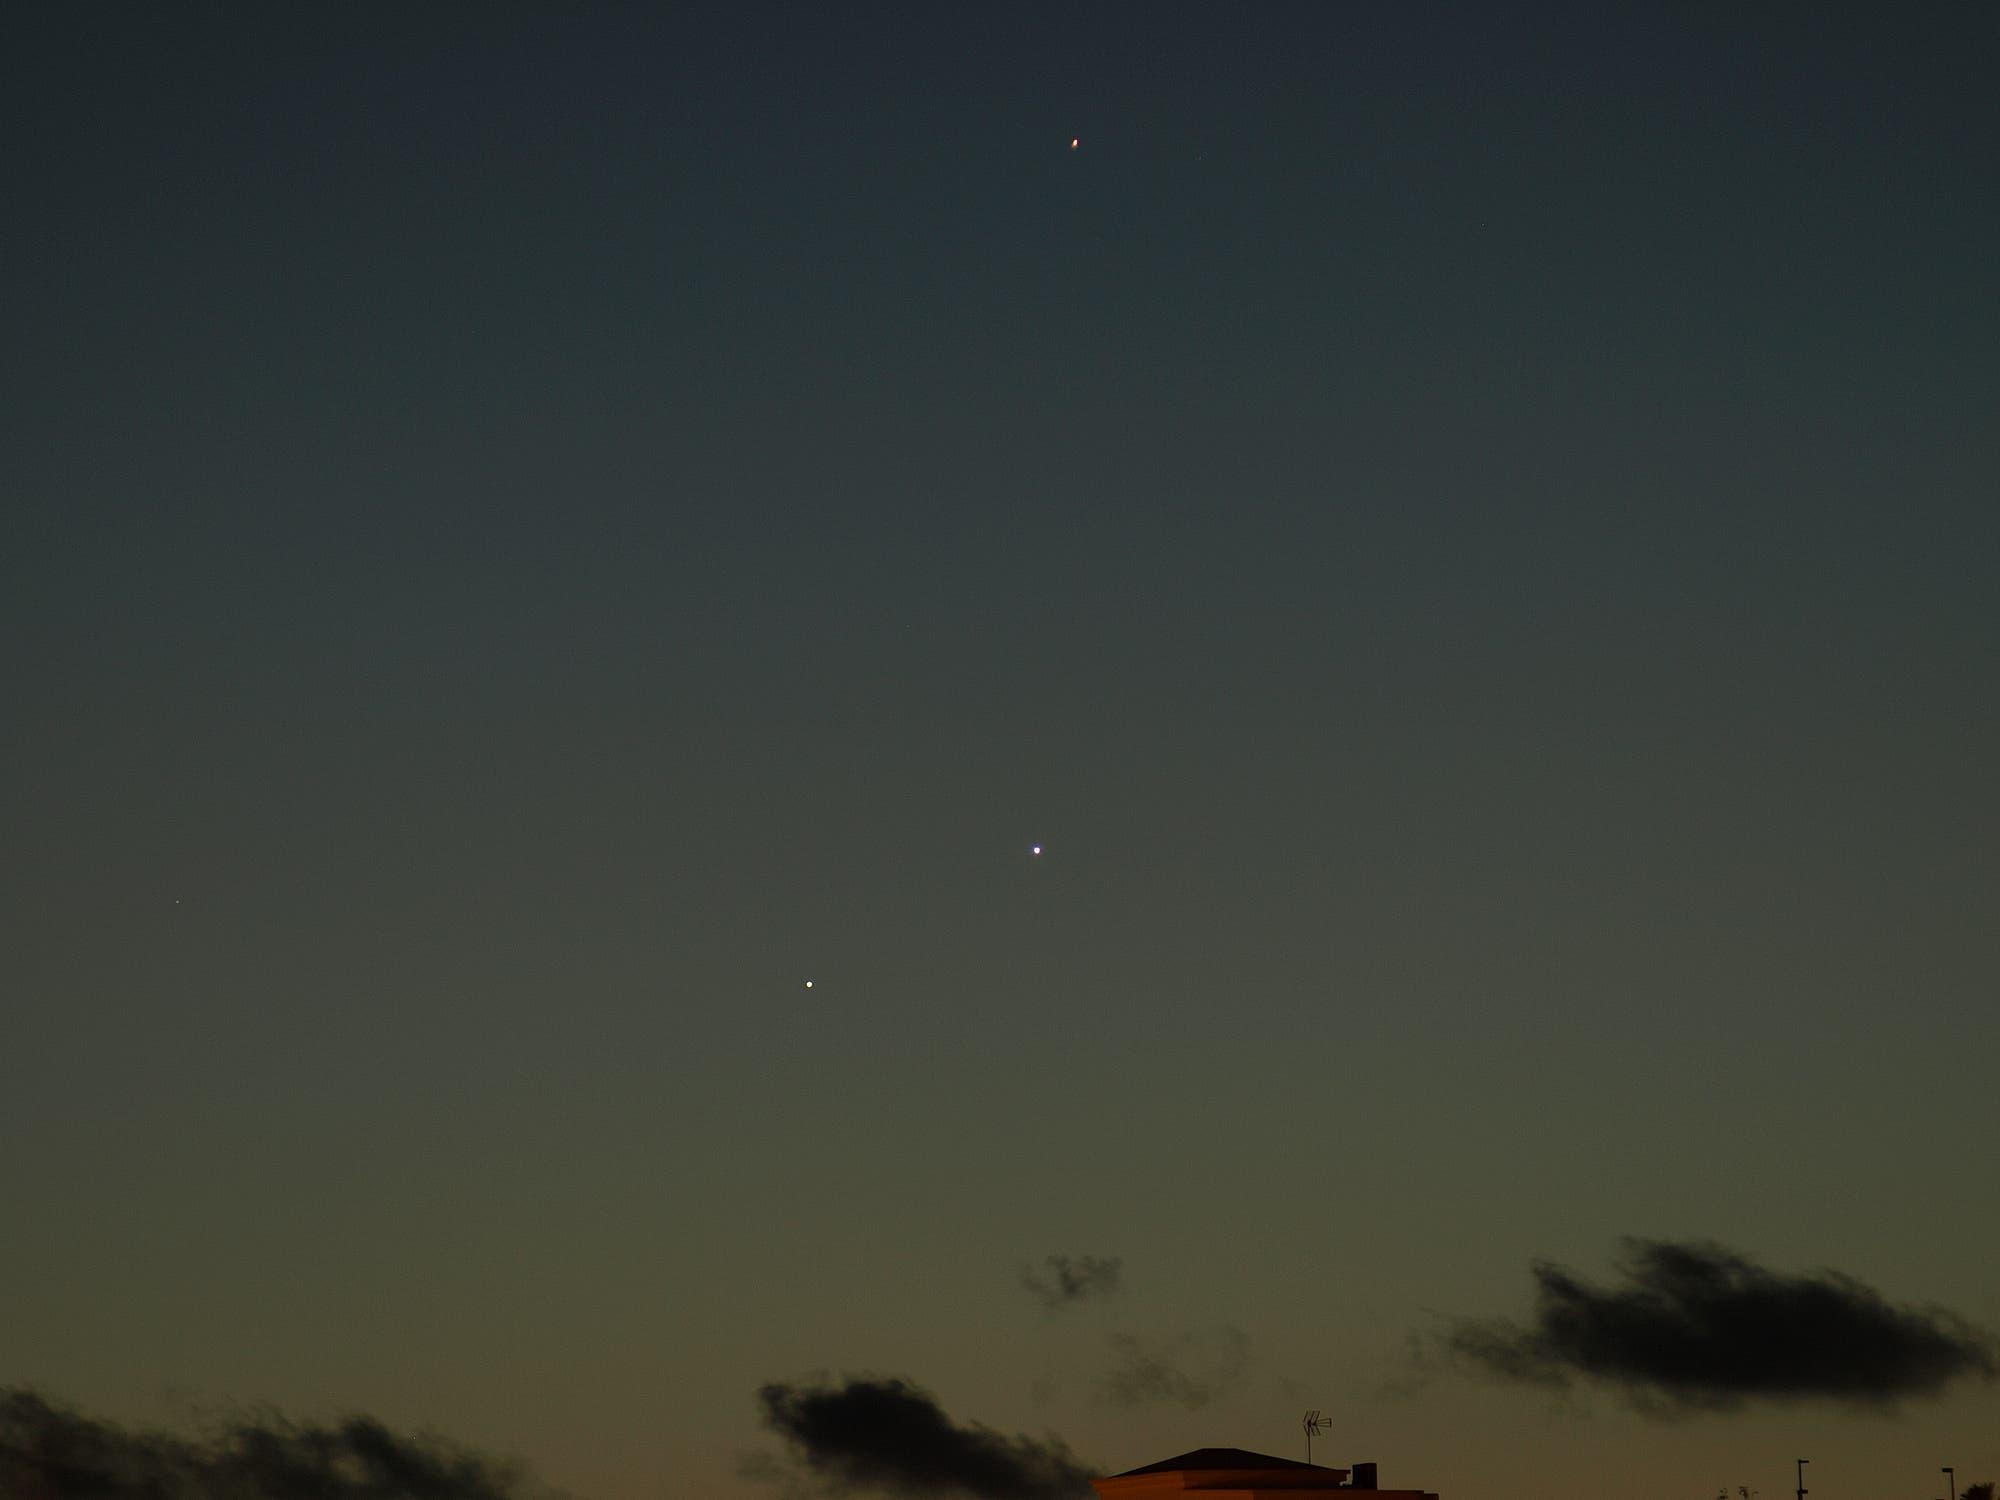 Lanzarote: Konjunktion von Jupiter, Venus, Merkur 28. Mai 2013